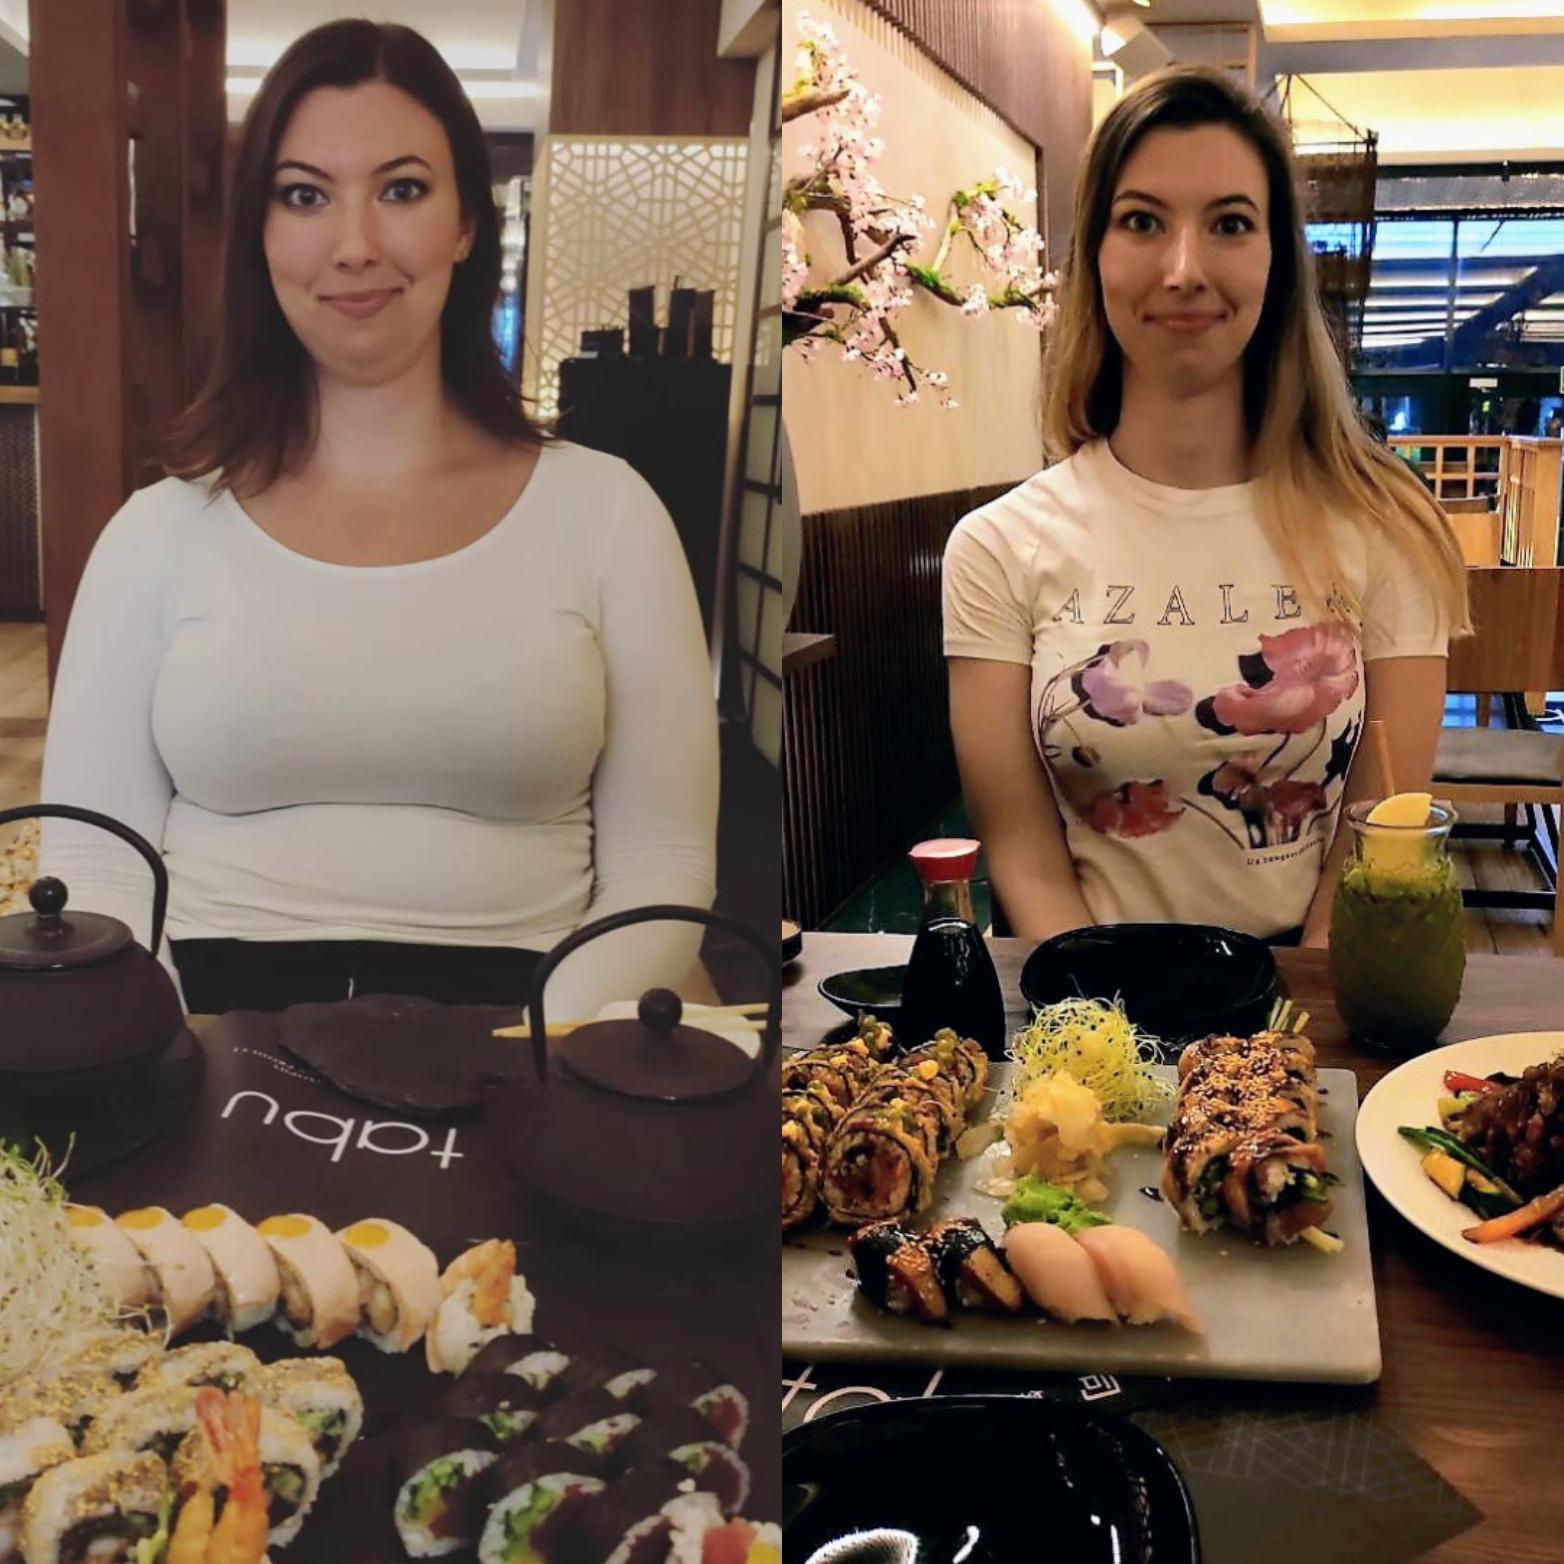 51 lbs Weight Loss 5 feet 10 Female 200 lbs to 149 lbs